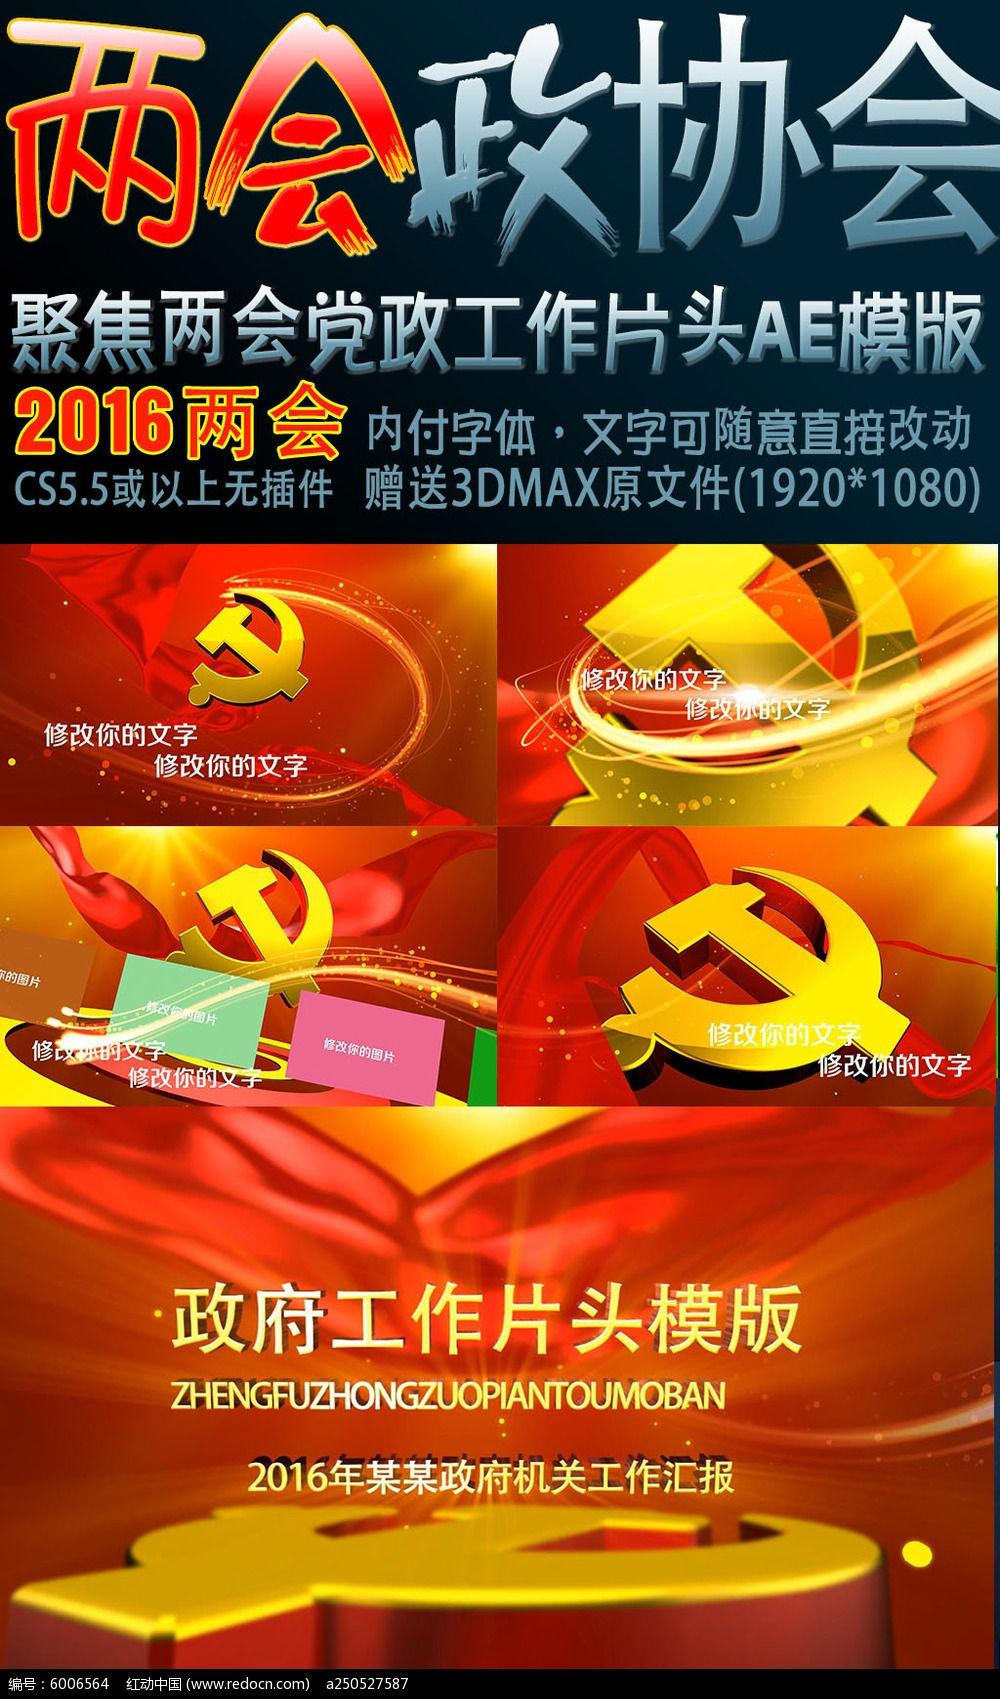 聚焦两会政协会党政工作片头ae模版图片